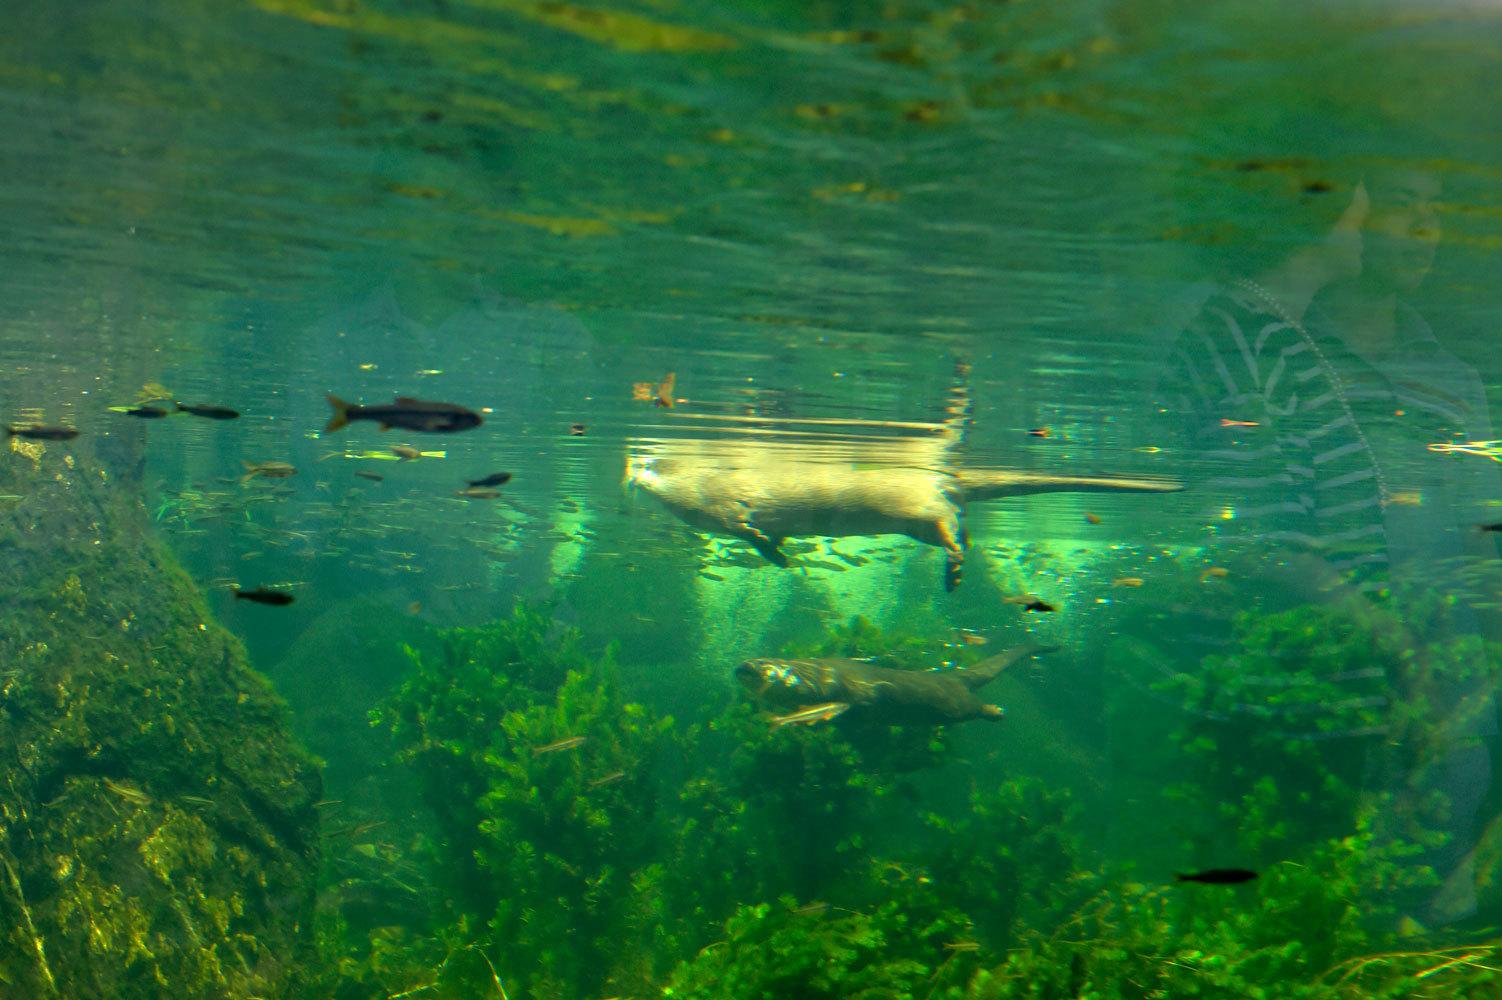 川の中のような水槽_b0023856_07105366.jpg